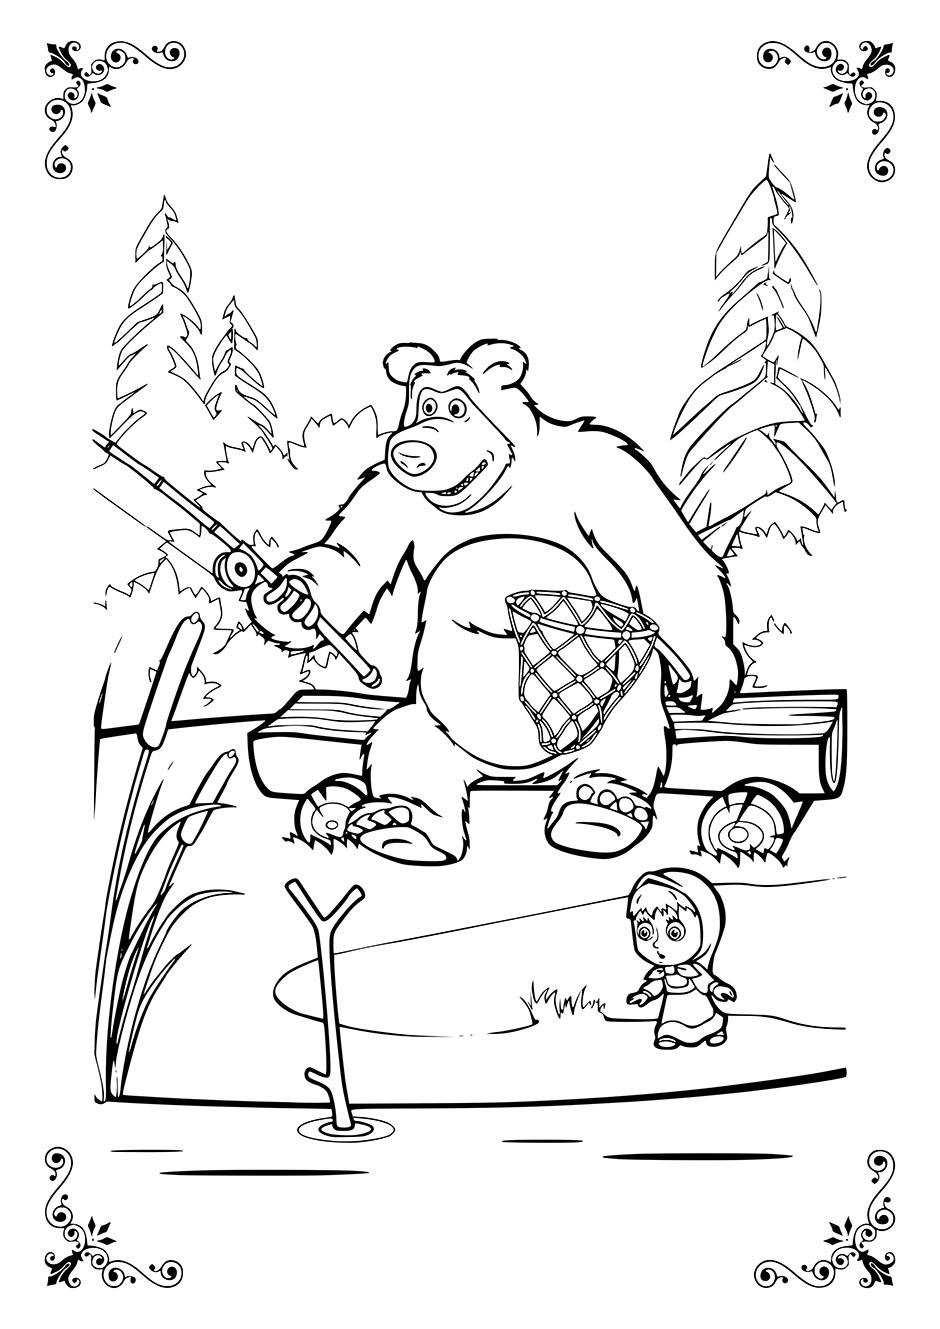 Раскраска: Маша с Медведем на рыбалке — raskraski-a4.ru